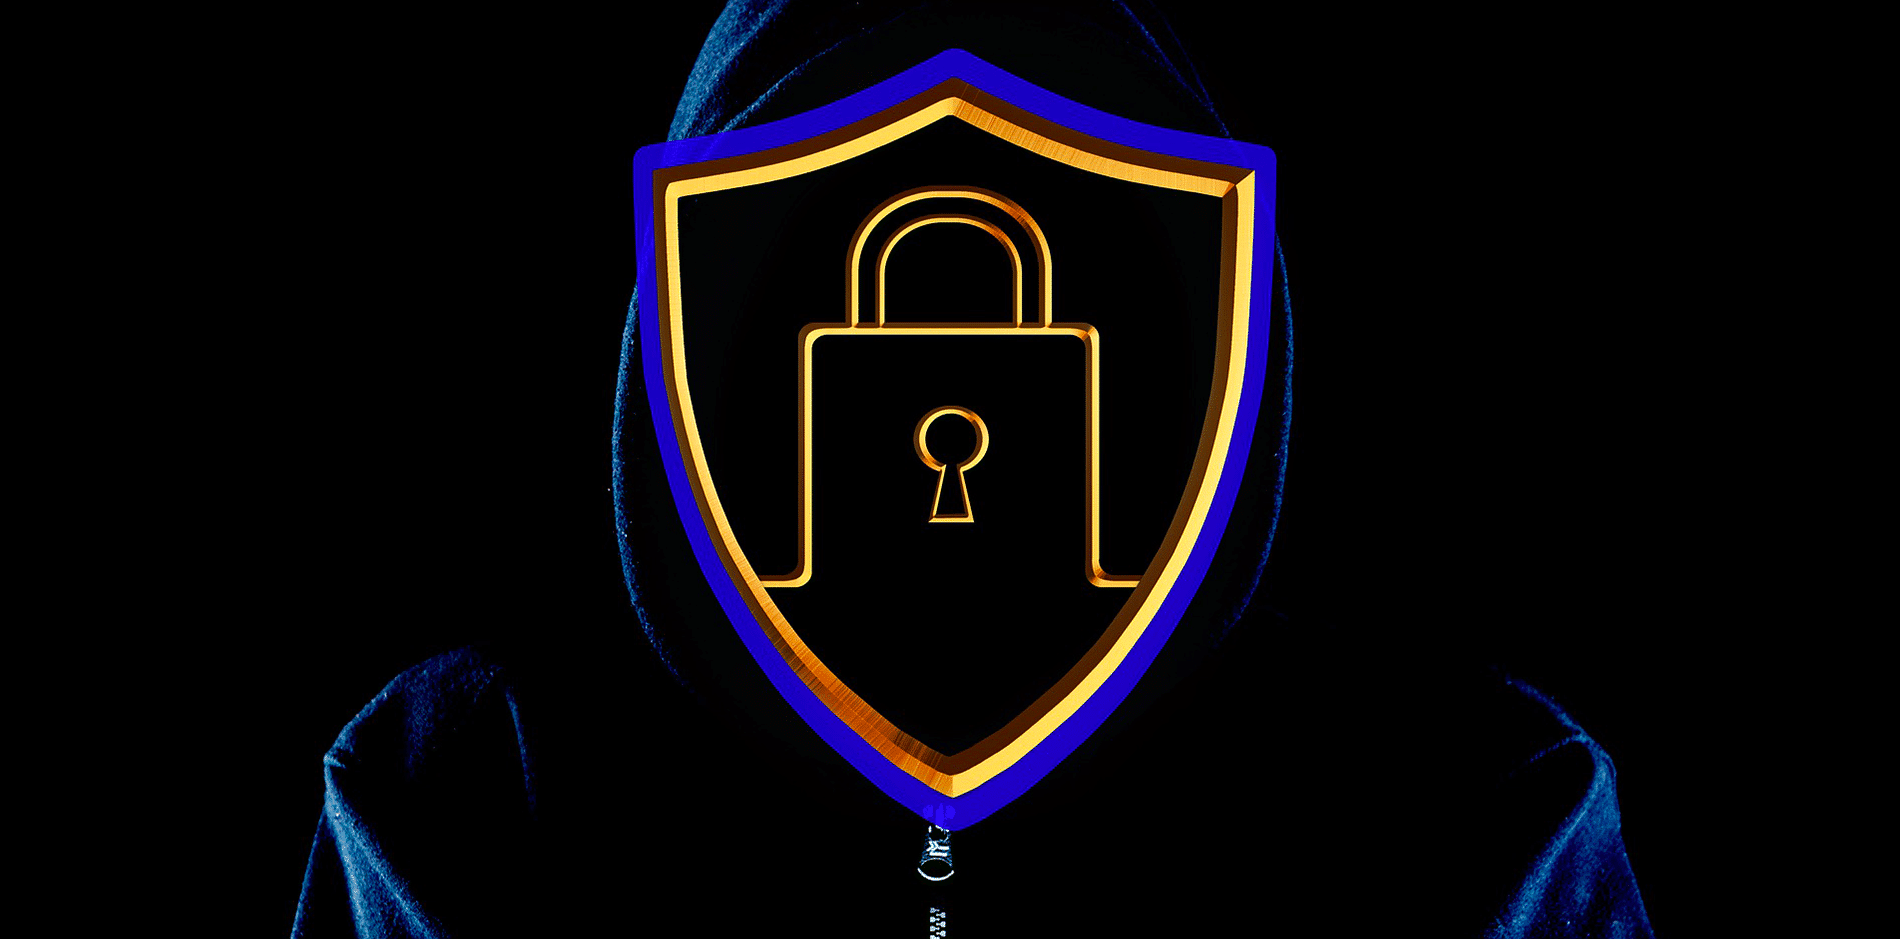 Le rôle du commissaire aux comptes dans la lutte contre la fraude